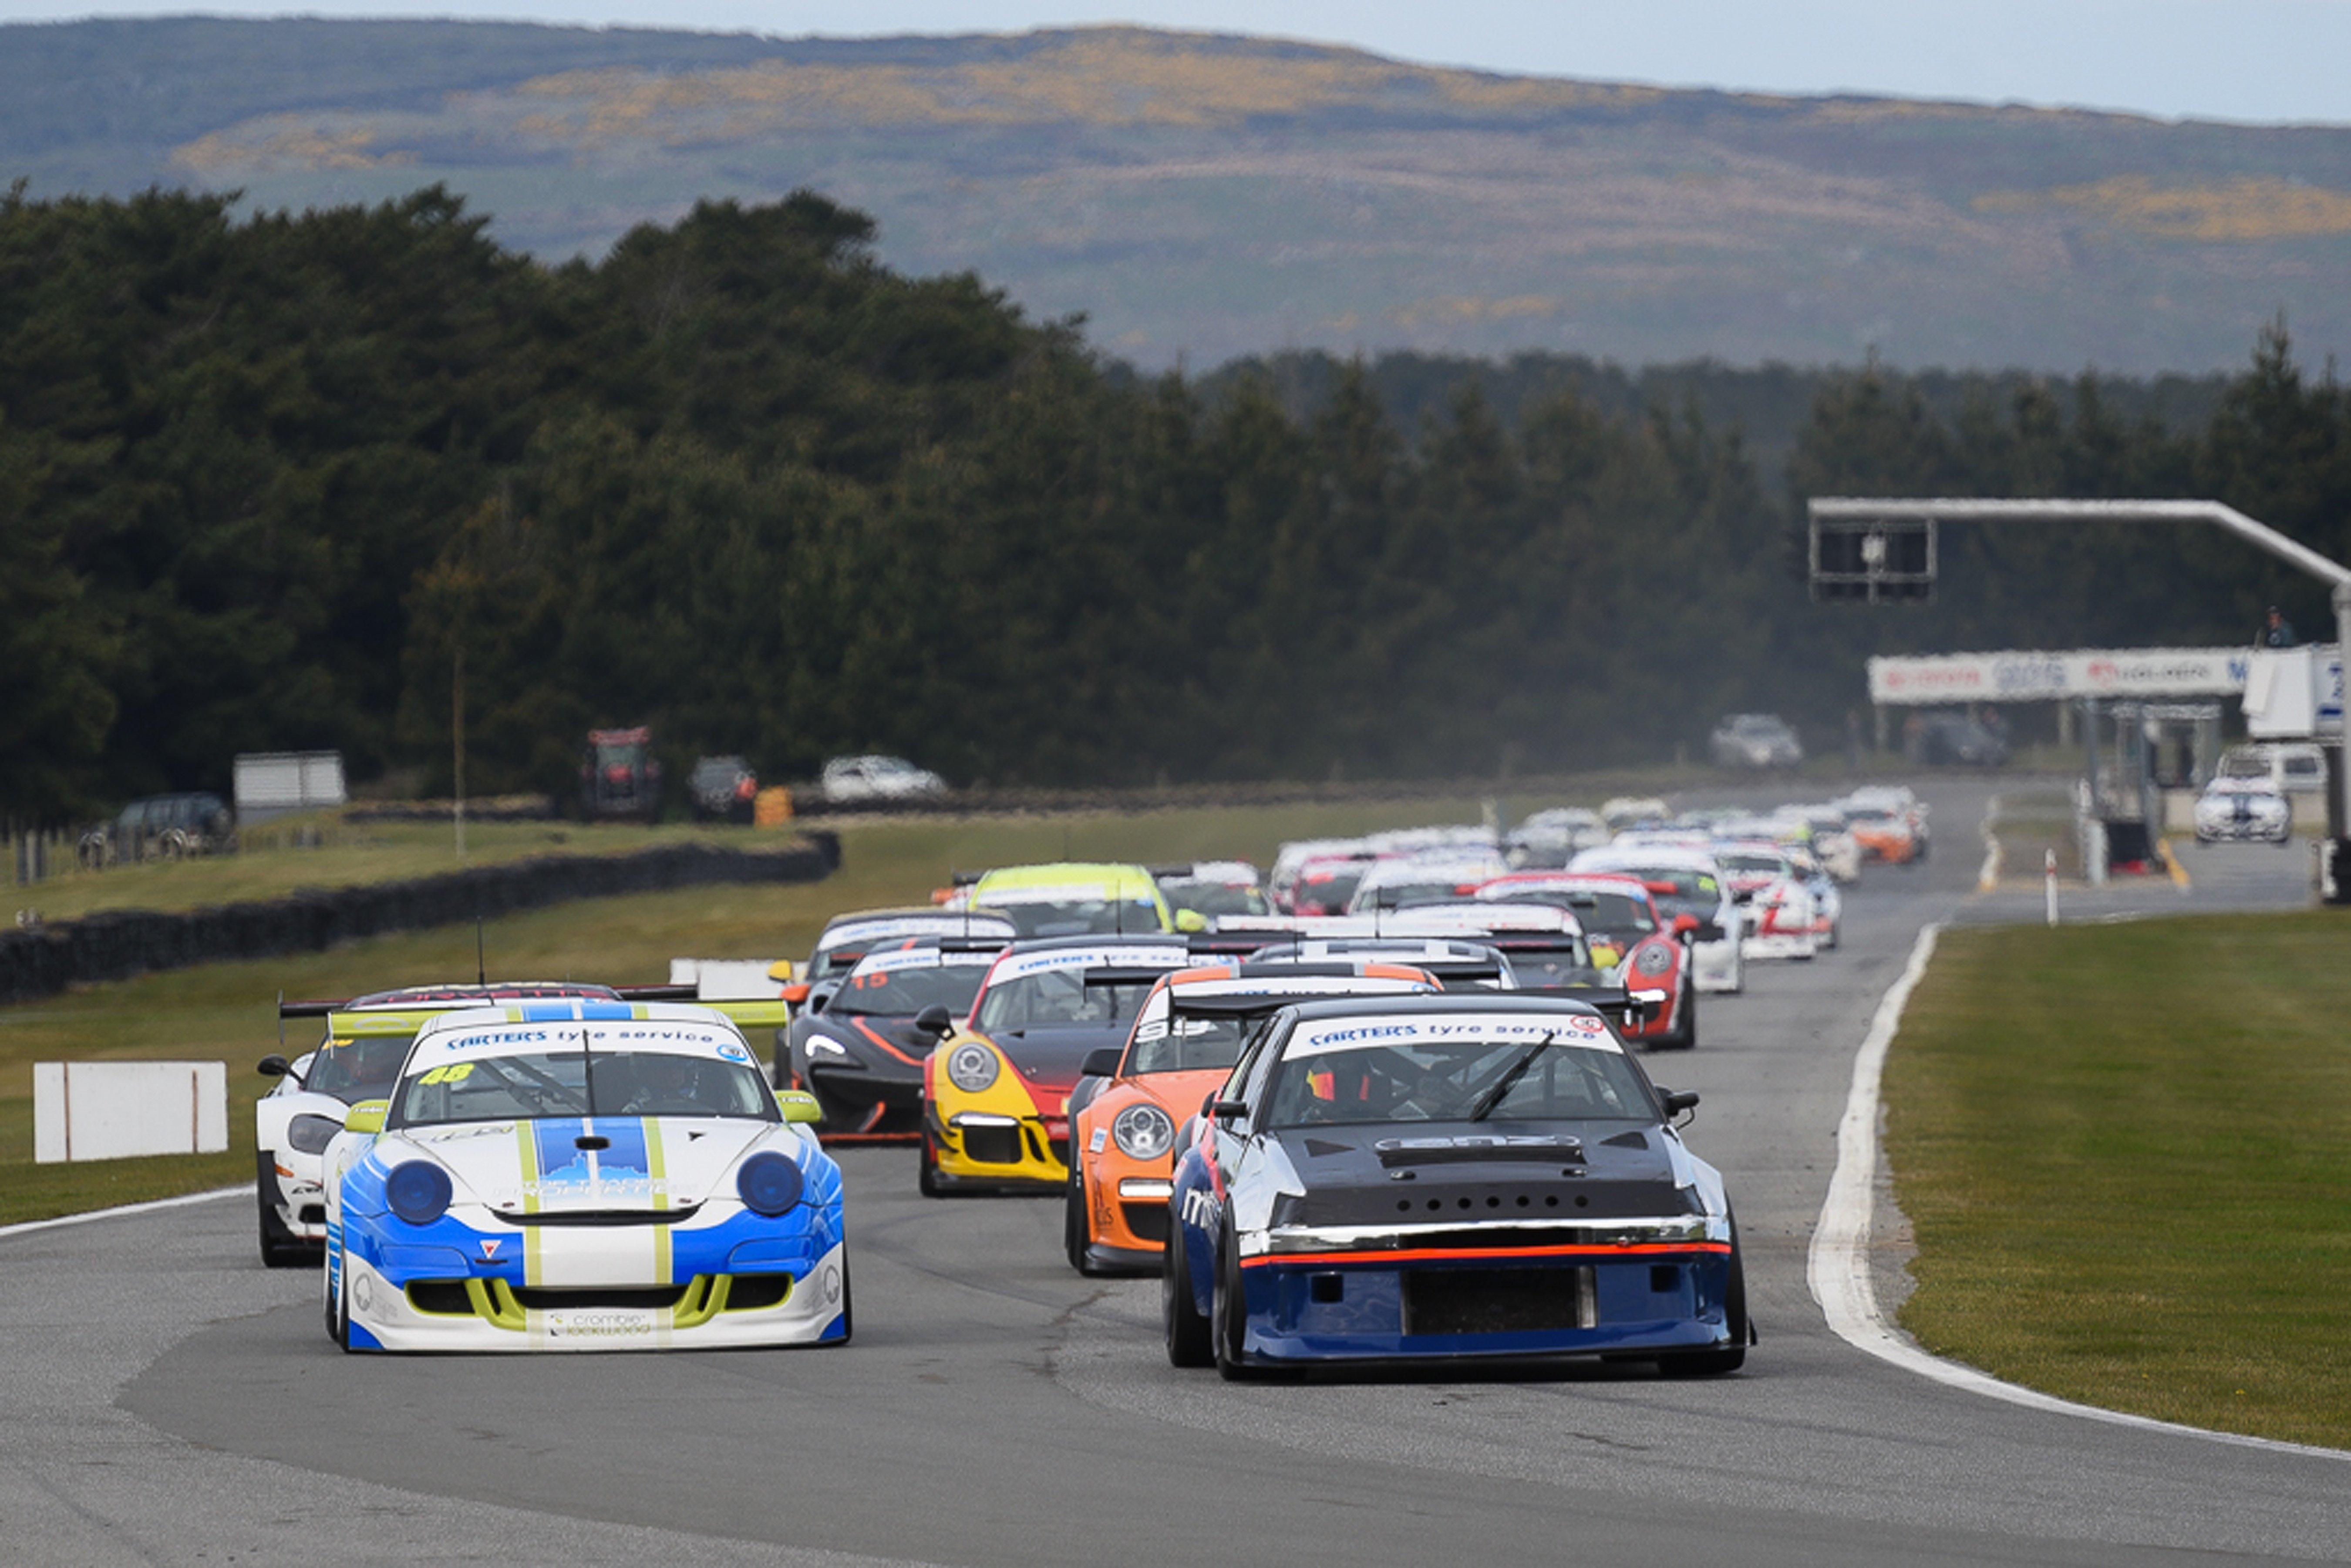 Drama at opening enduro race